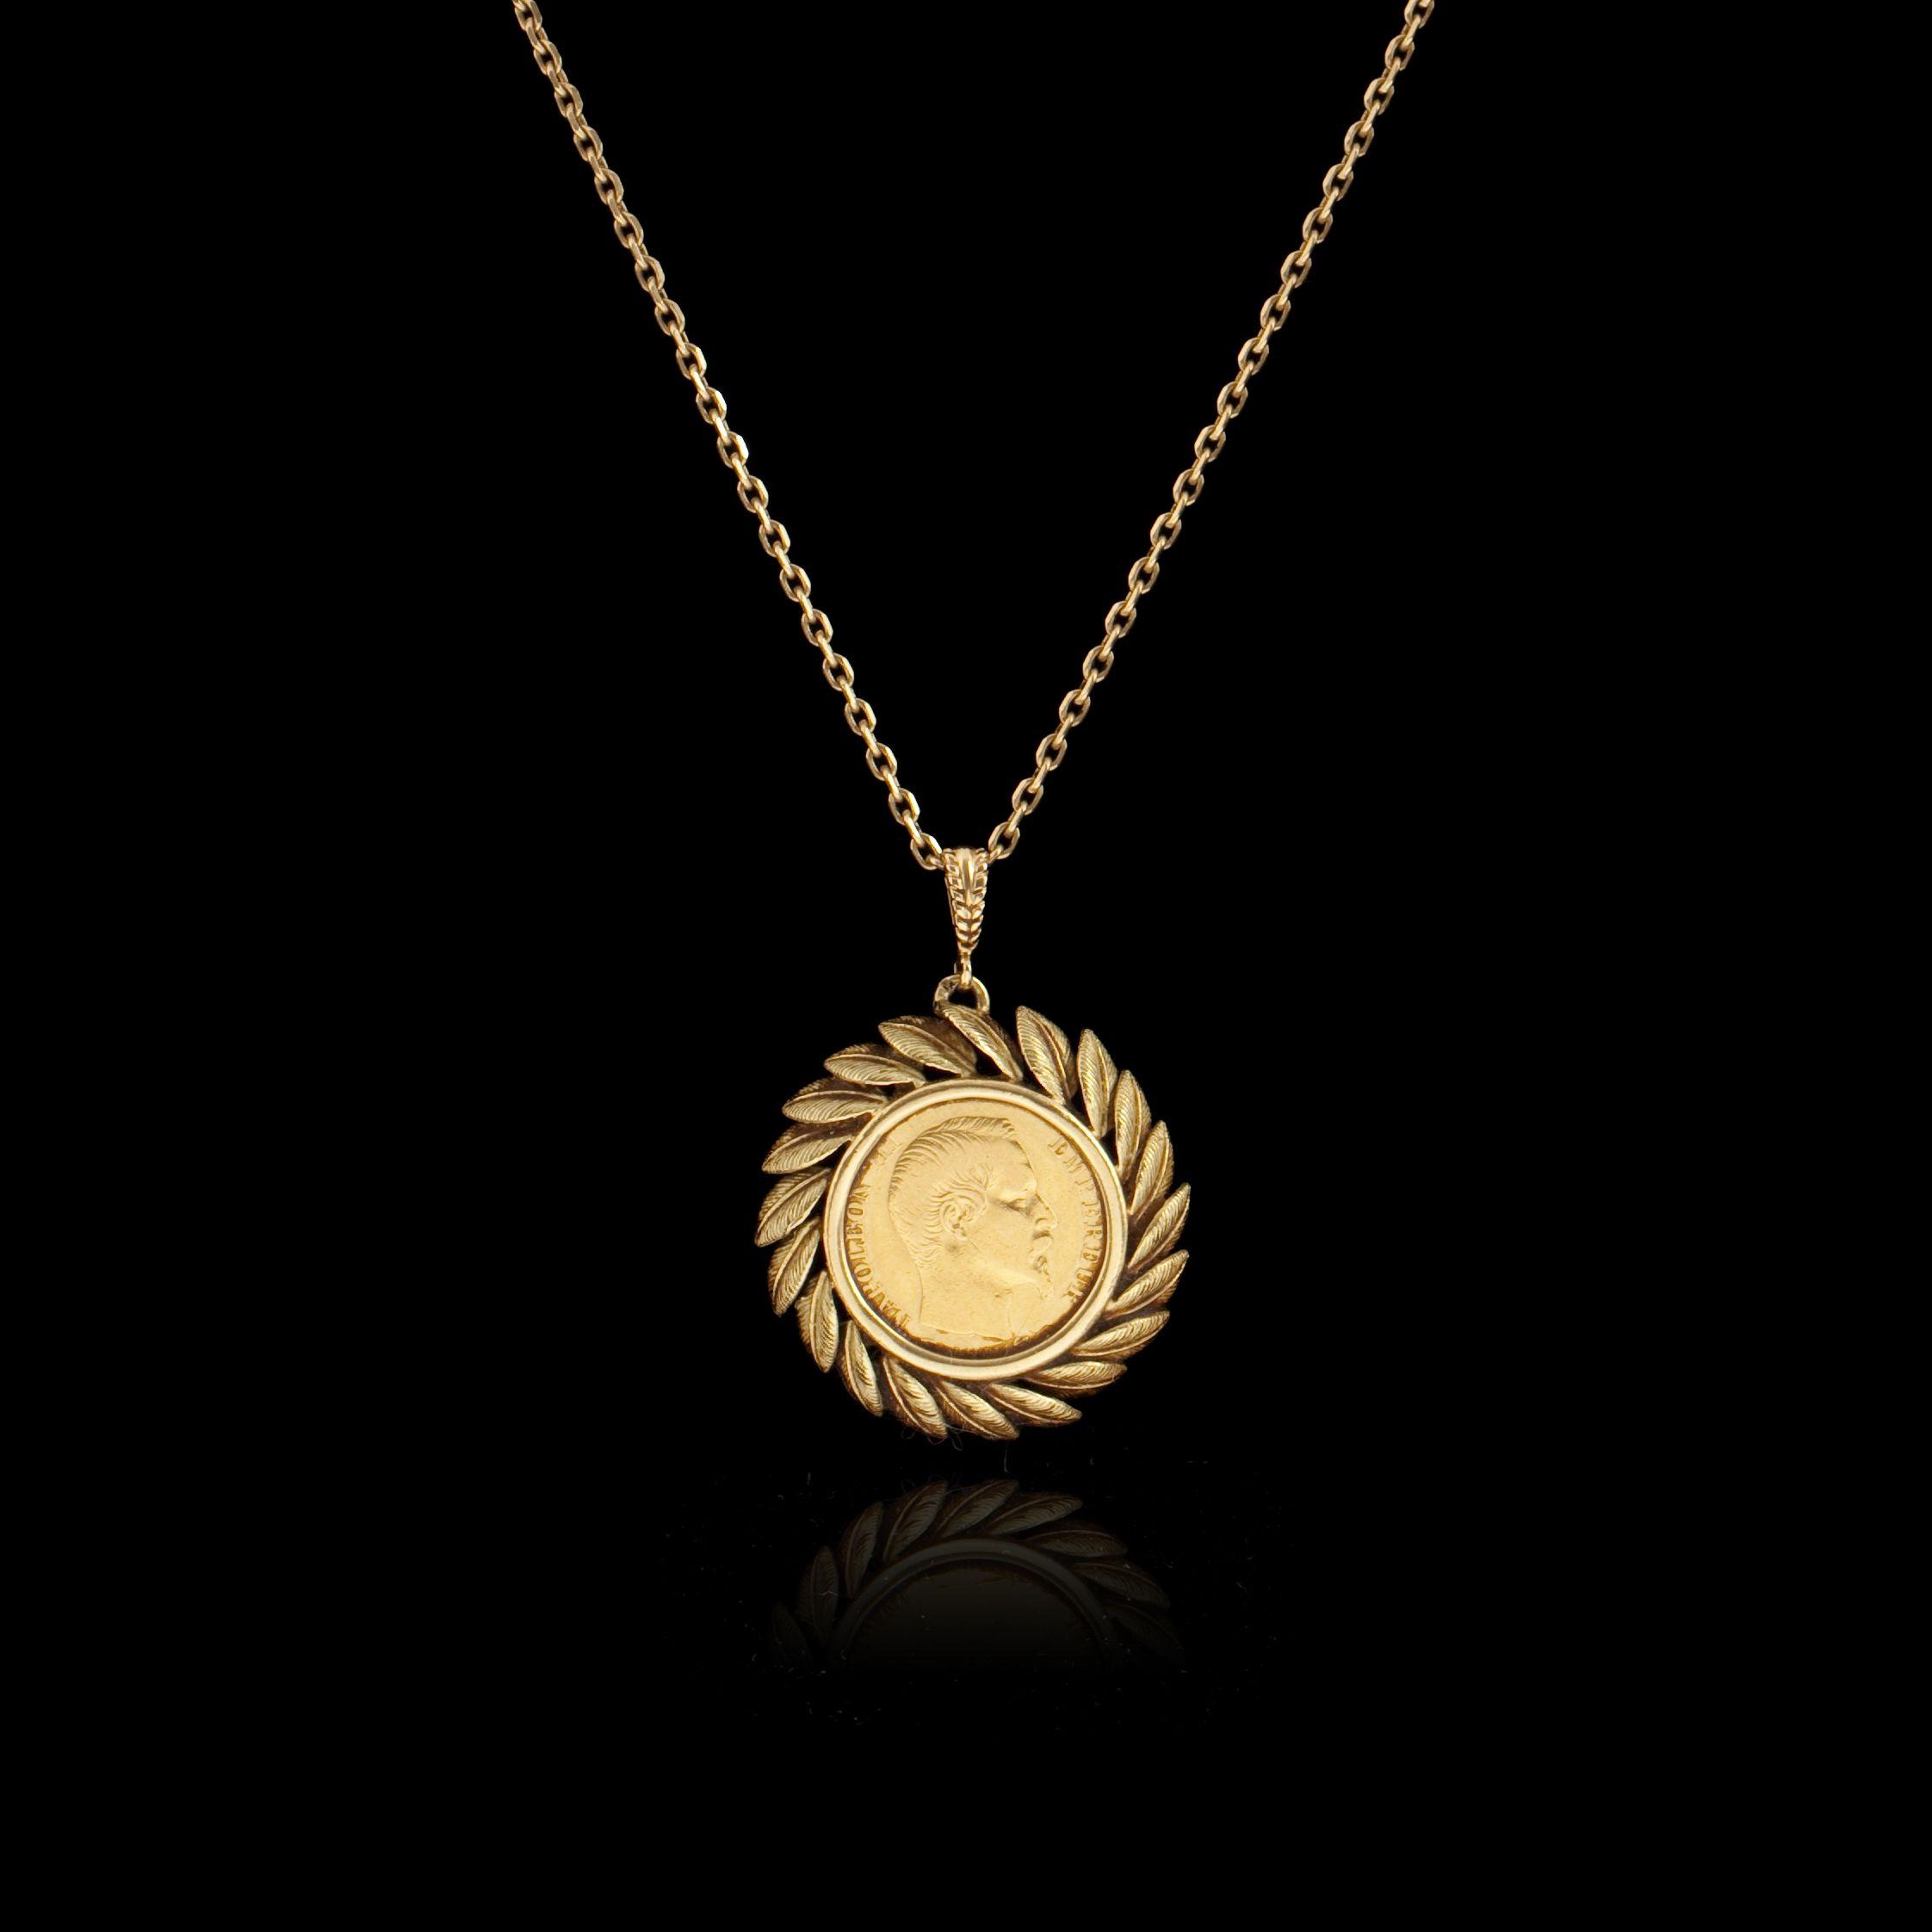 pendentif en or